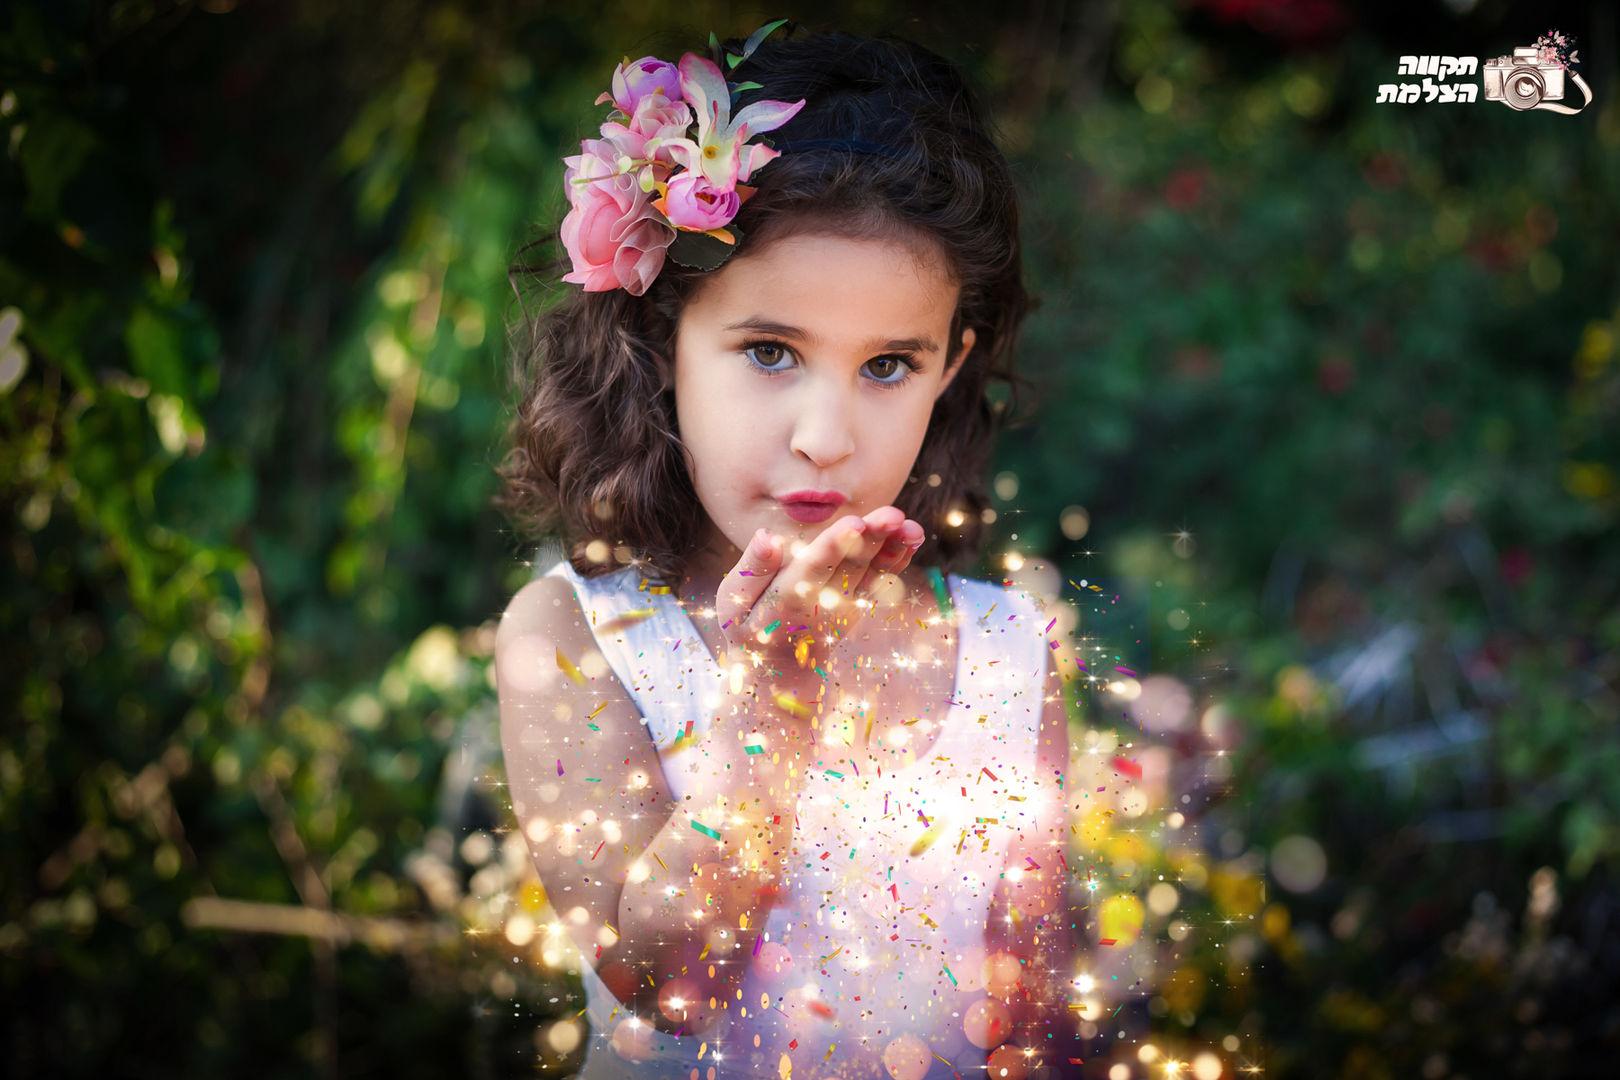 צילומי ילדים תקוה הצלמת מהבד.JPG